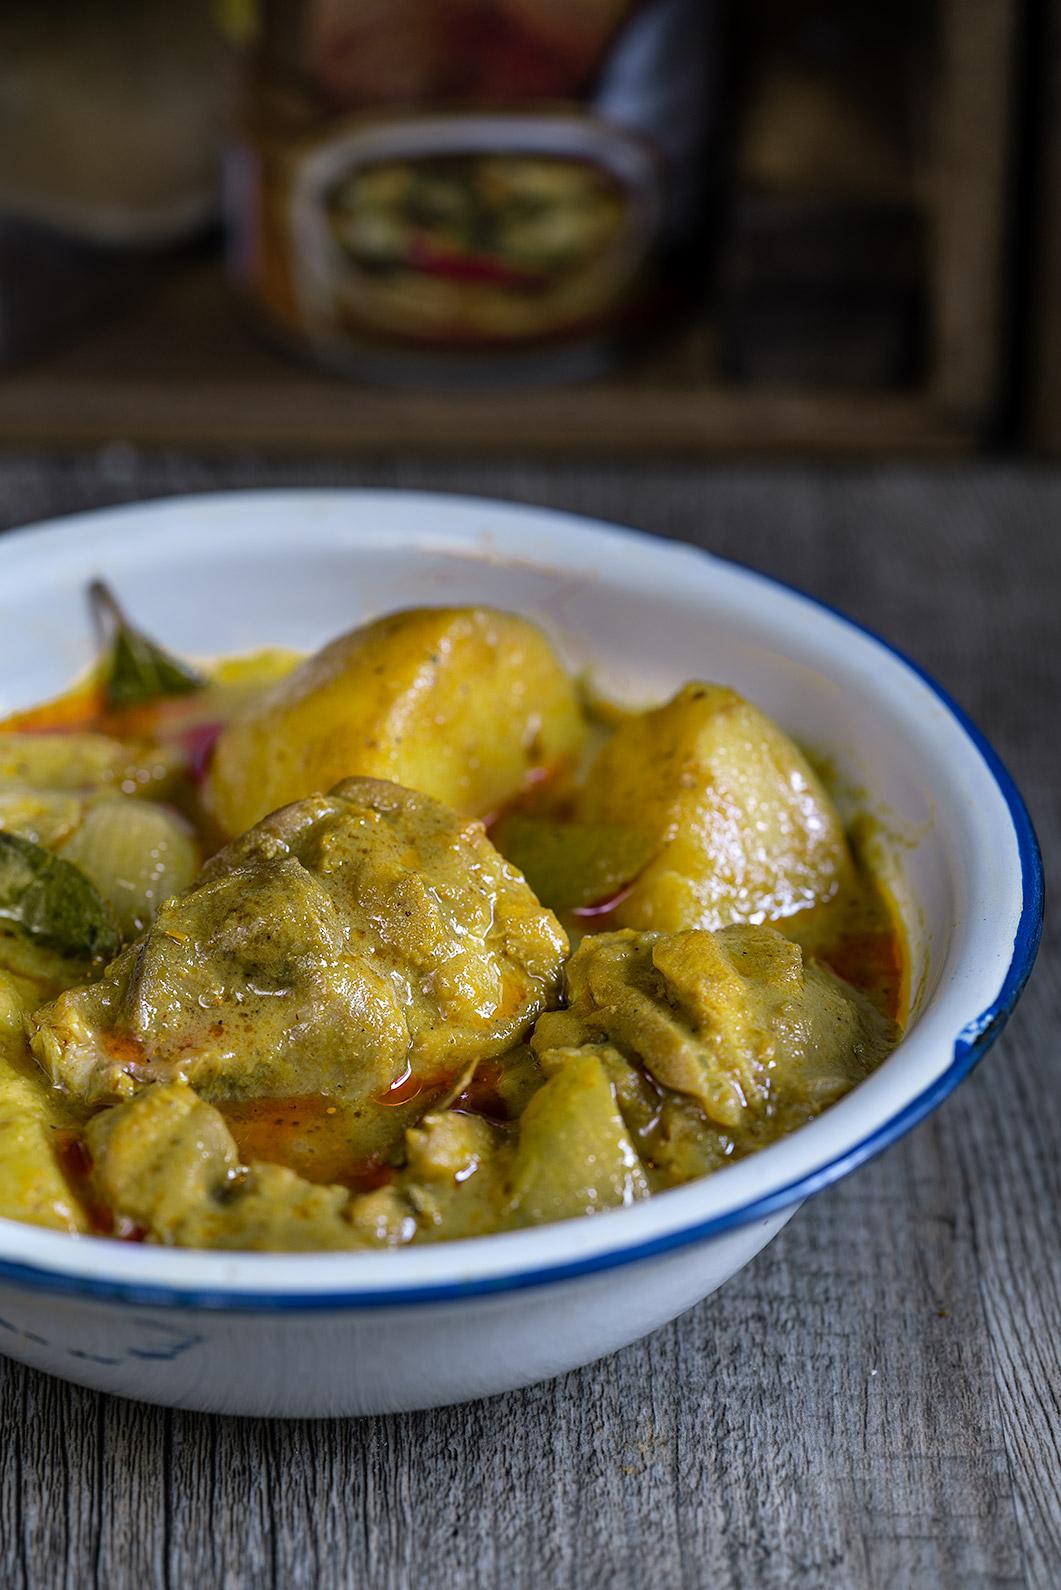 Pasta de curry amarillo, Pollo al curry amarillo, curry tailandés, cocina tailandesa, pollo con curry